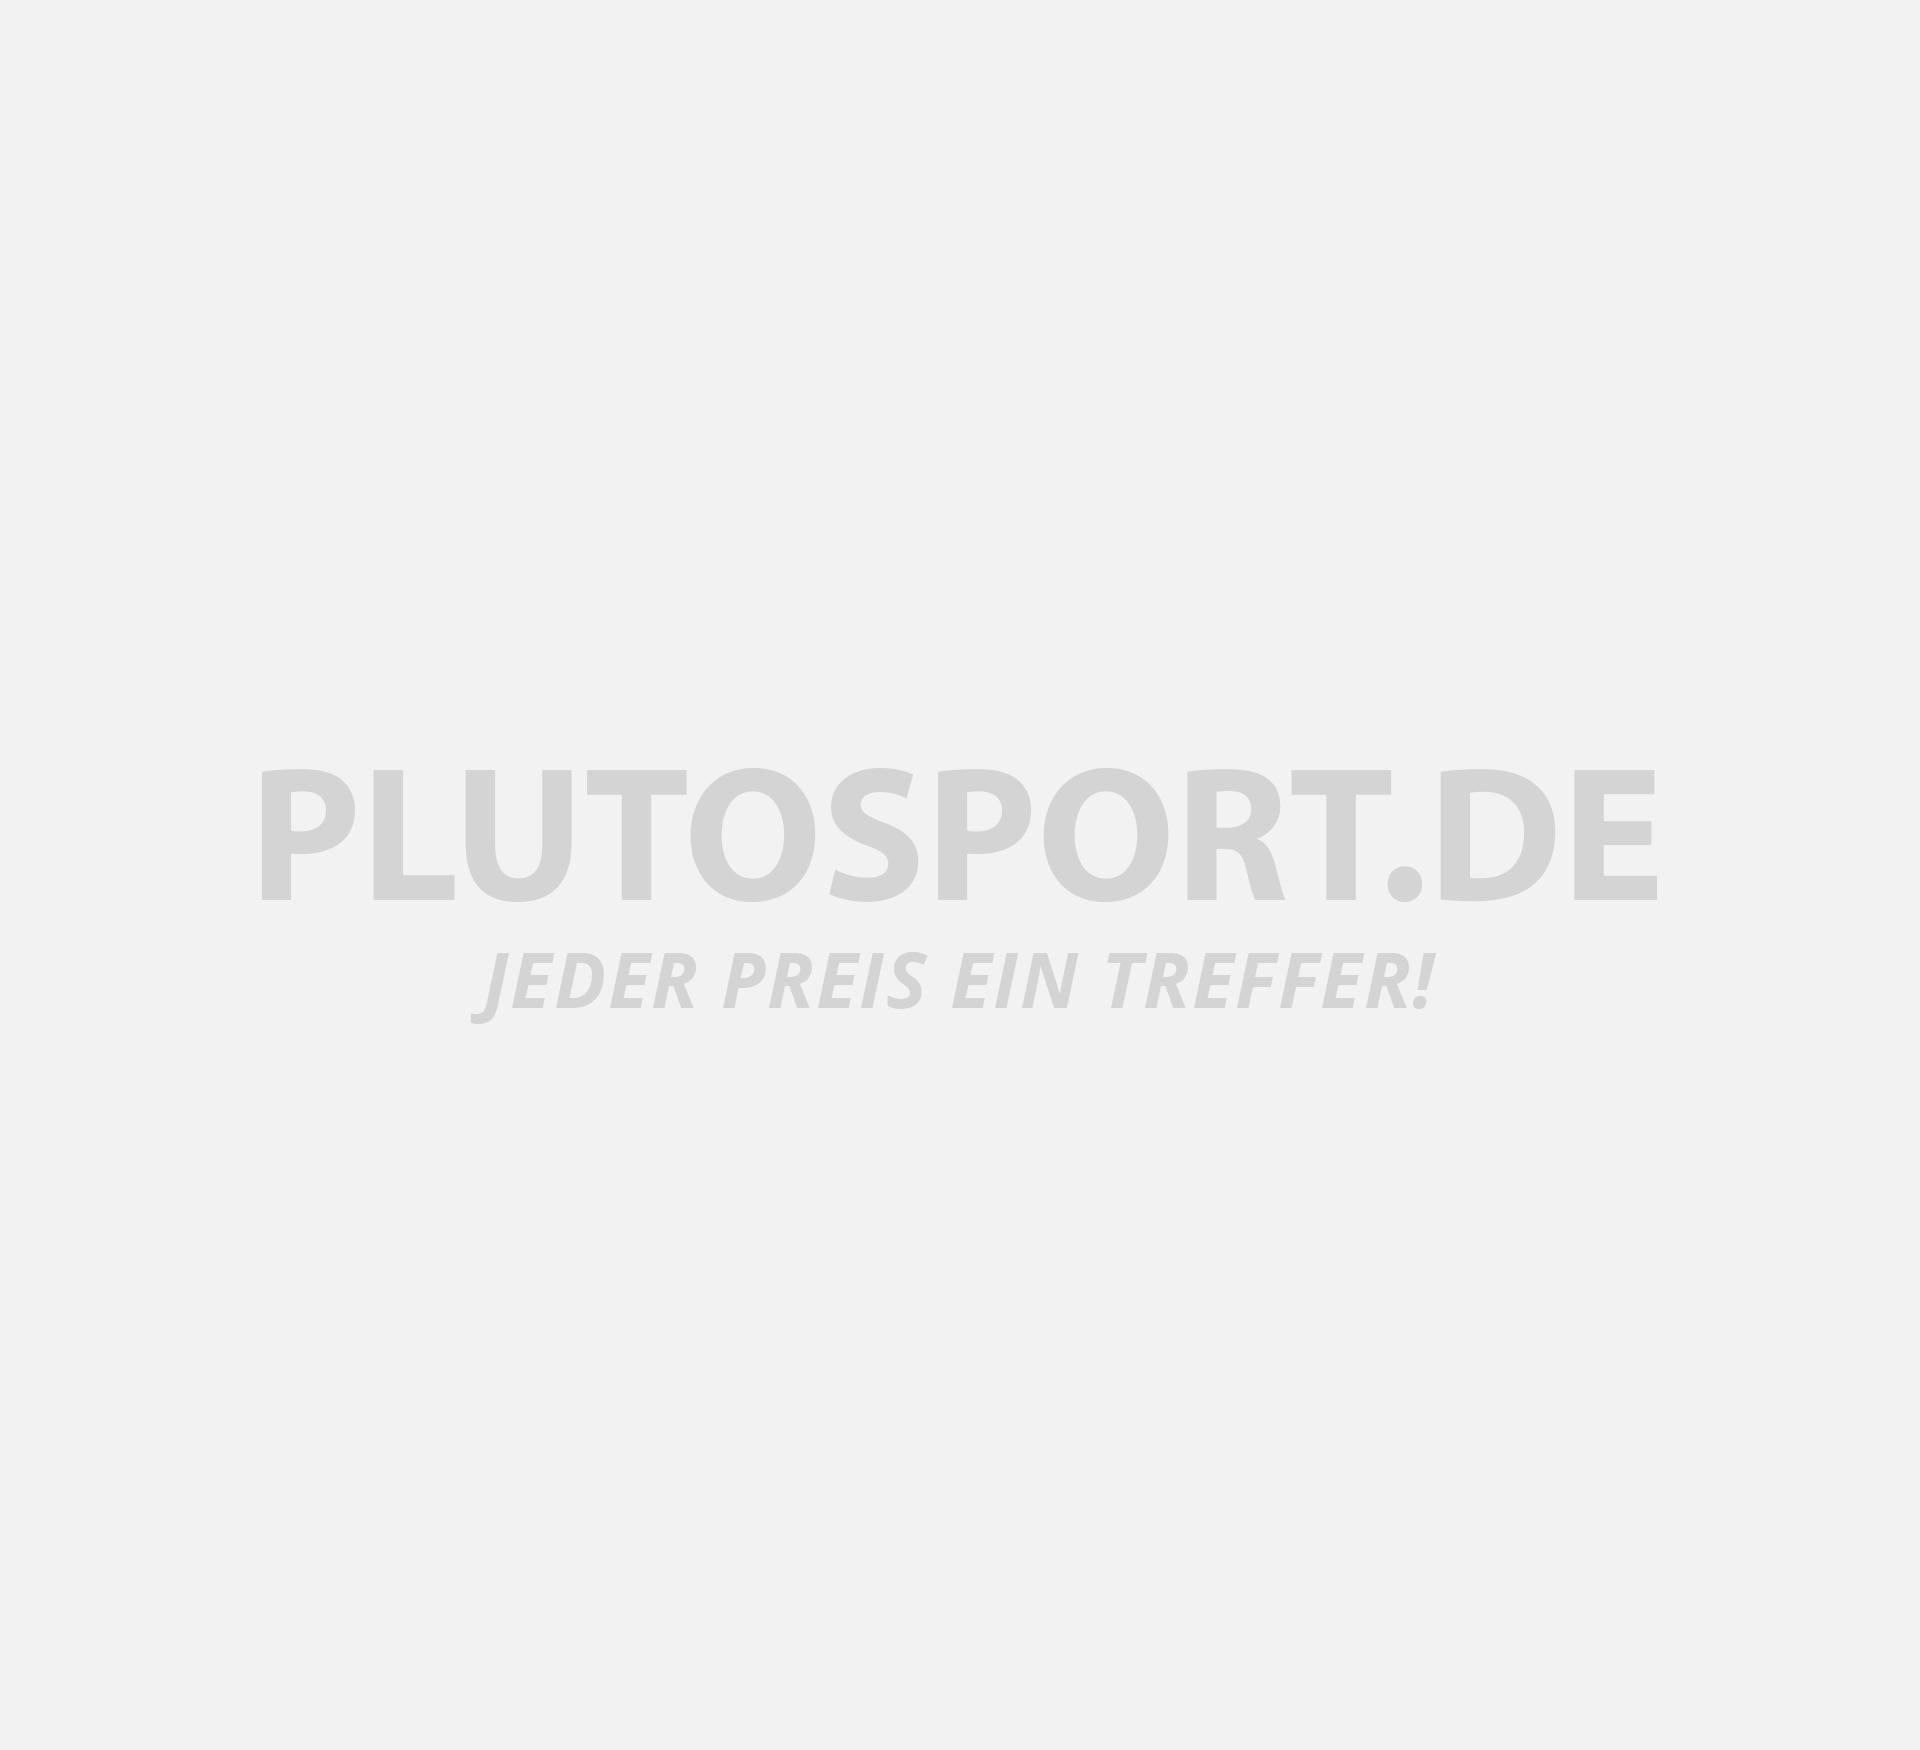 Asics Gel-Blackheath 4 Hockeyschuh Damen